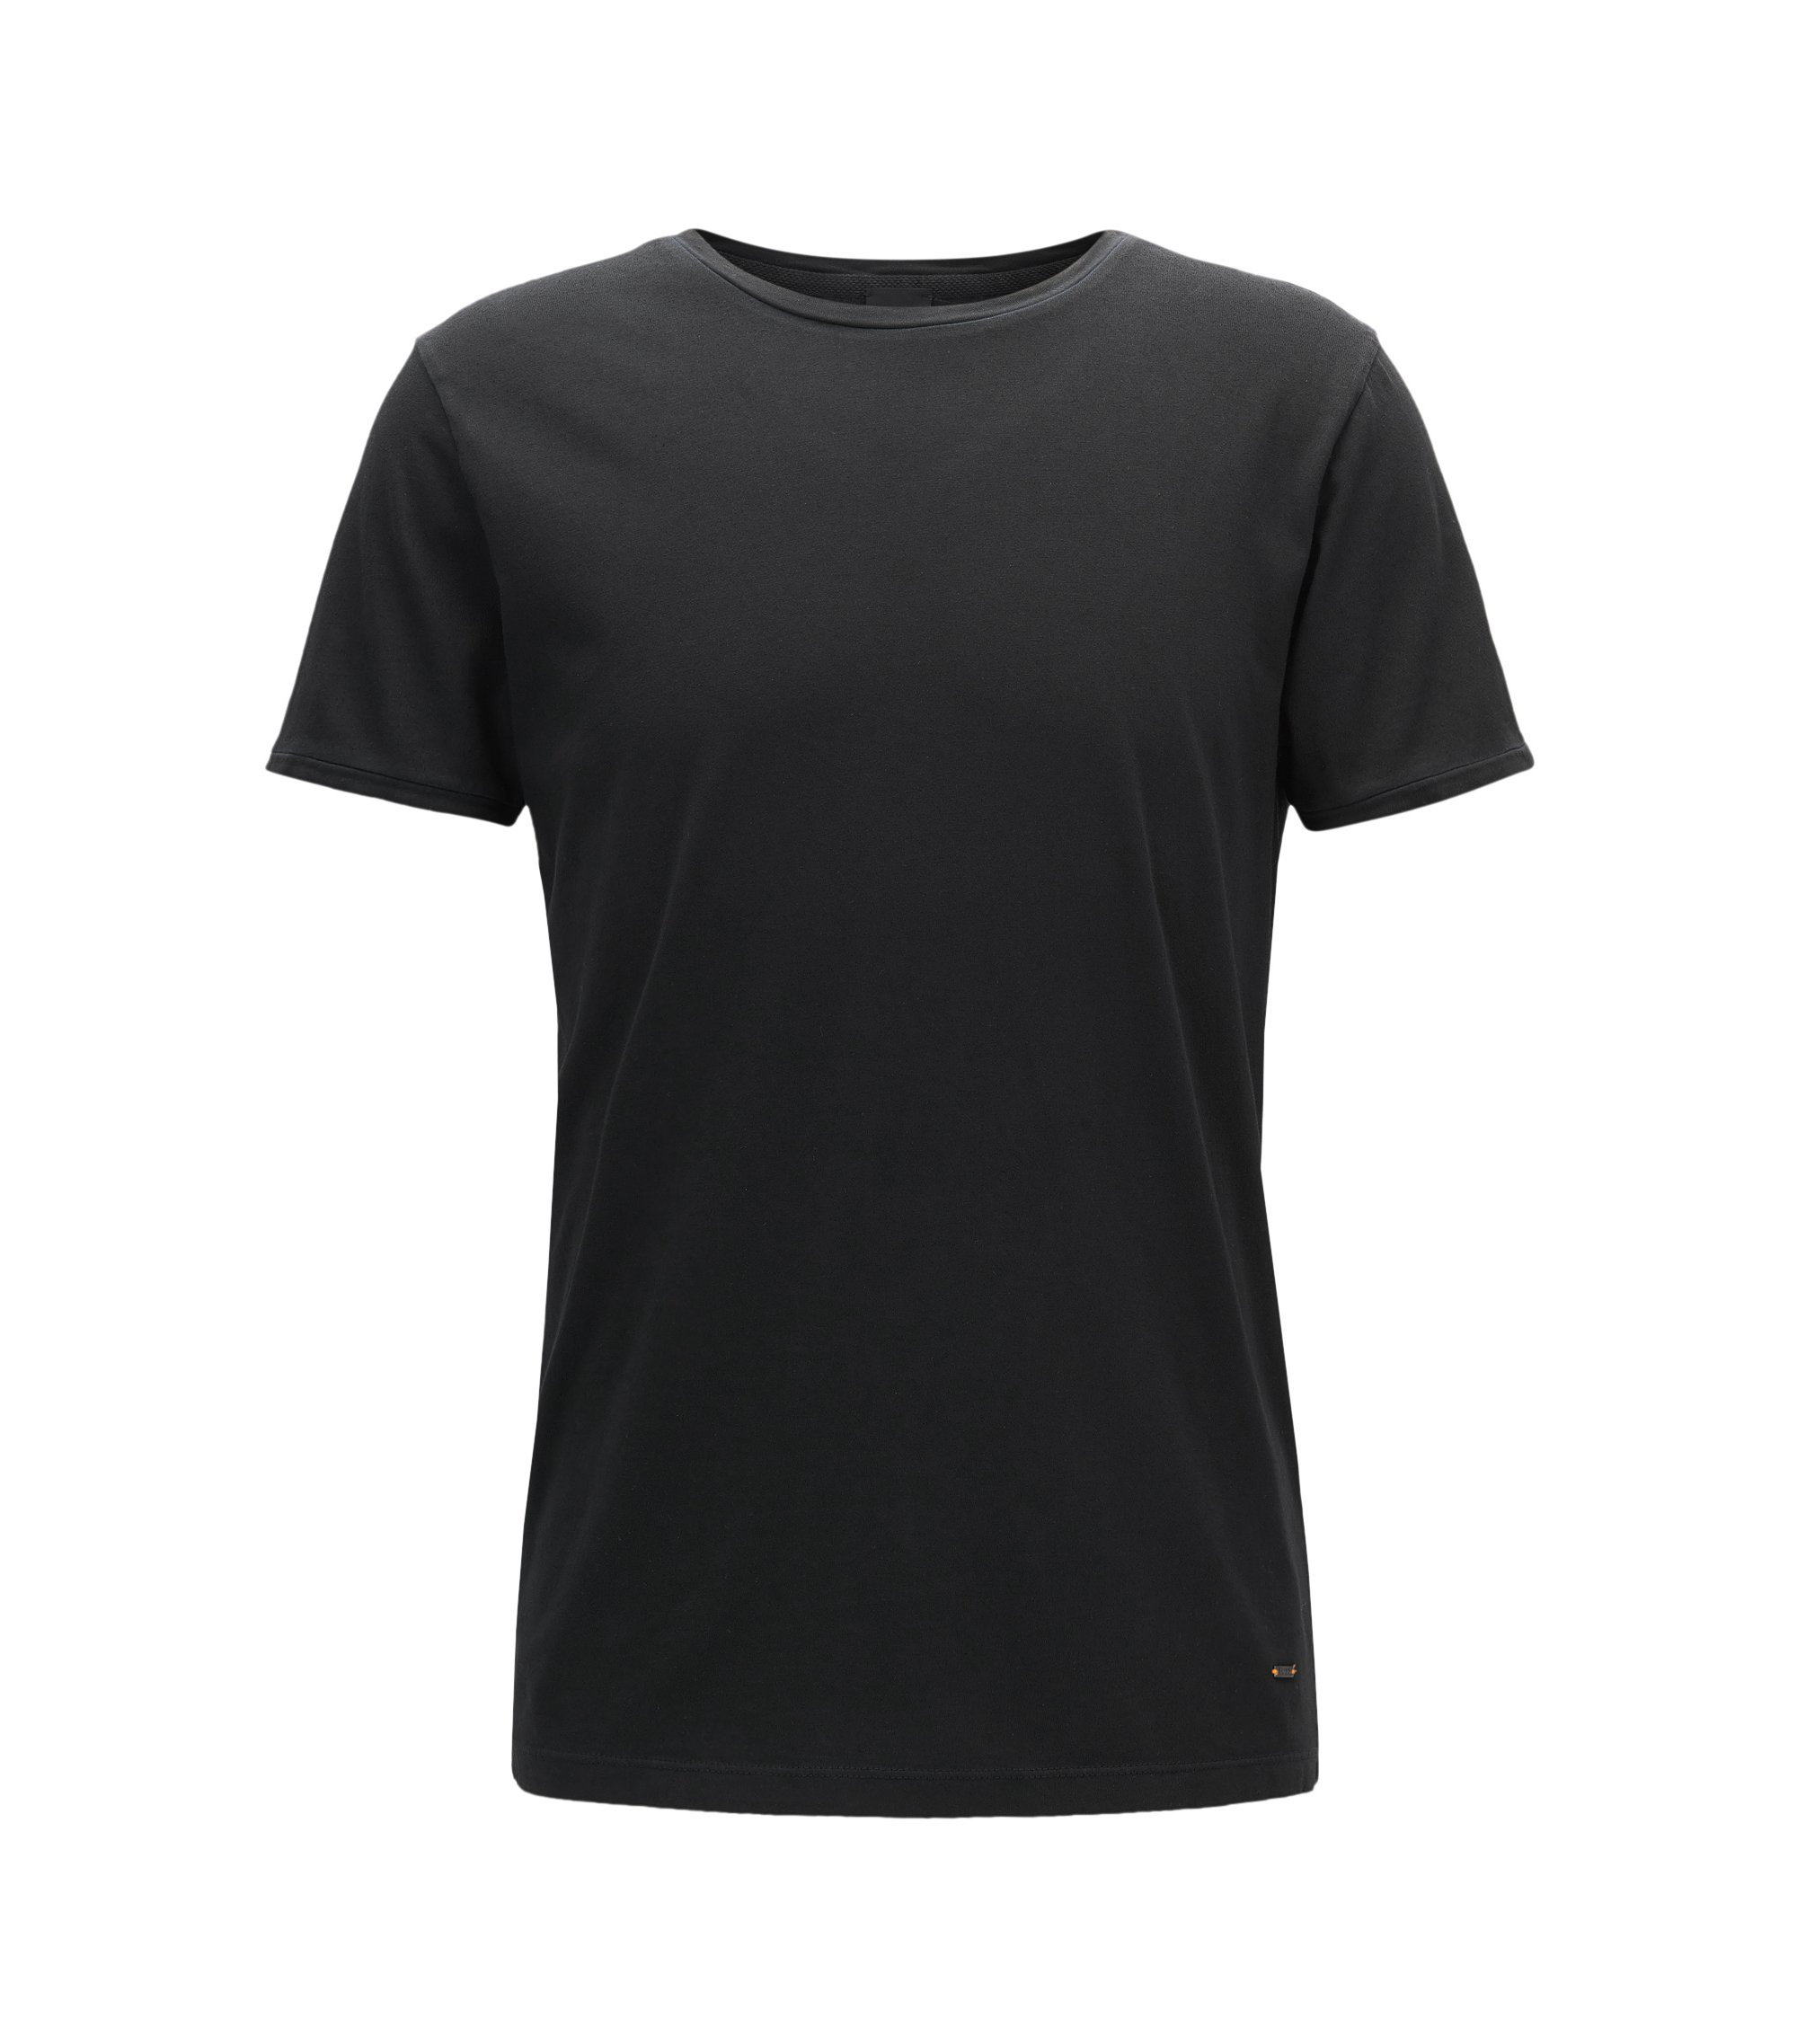 Stückgefärbtes Regular-Fit T-Shirt aus Baumwolle, Schwarz